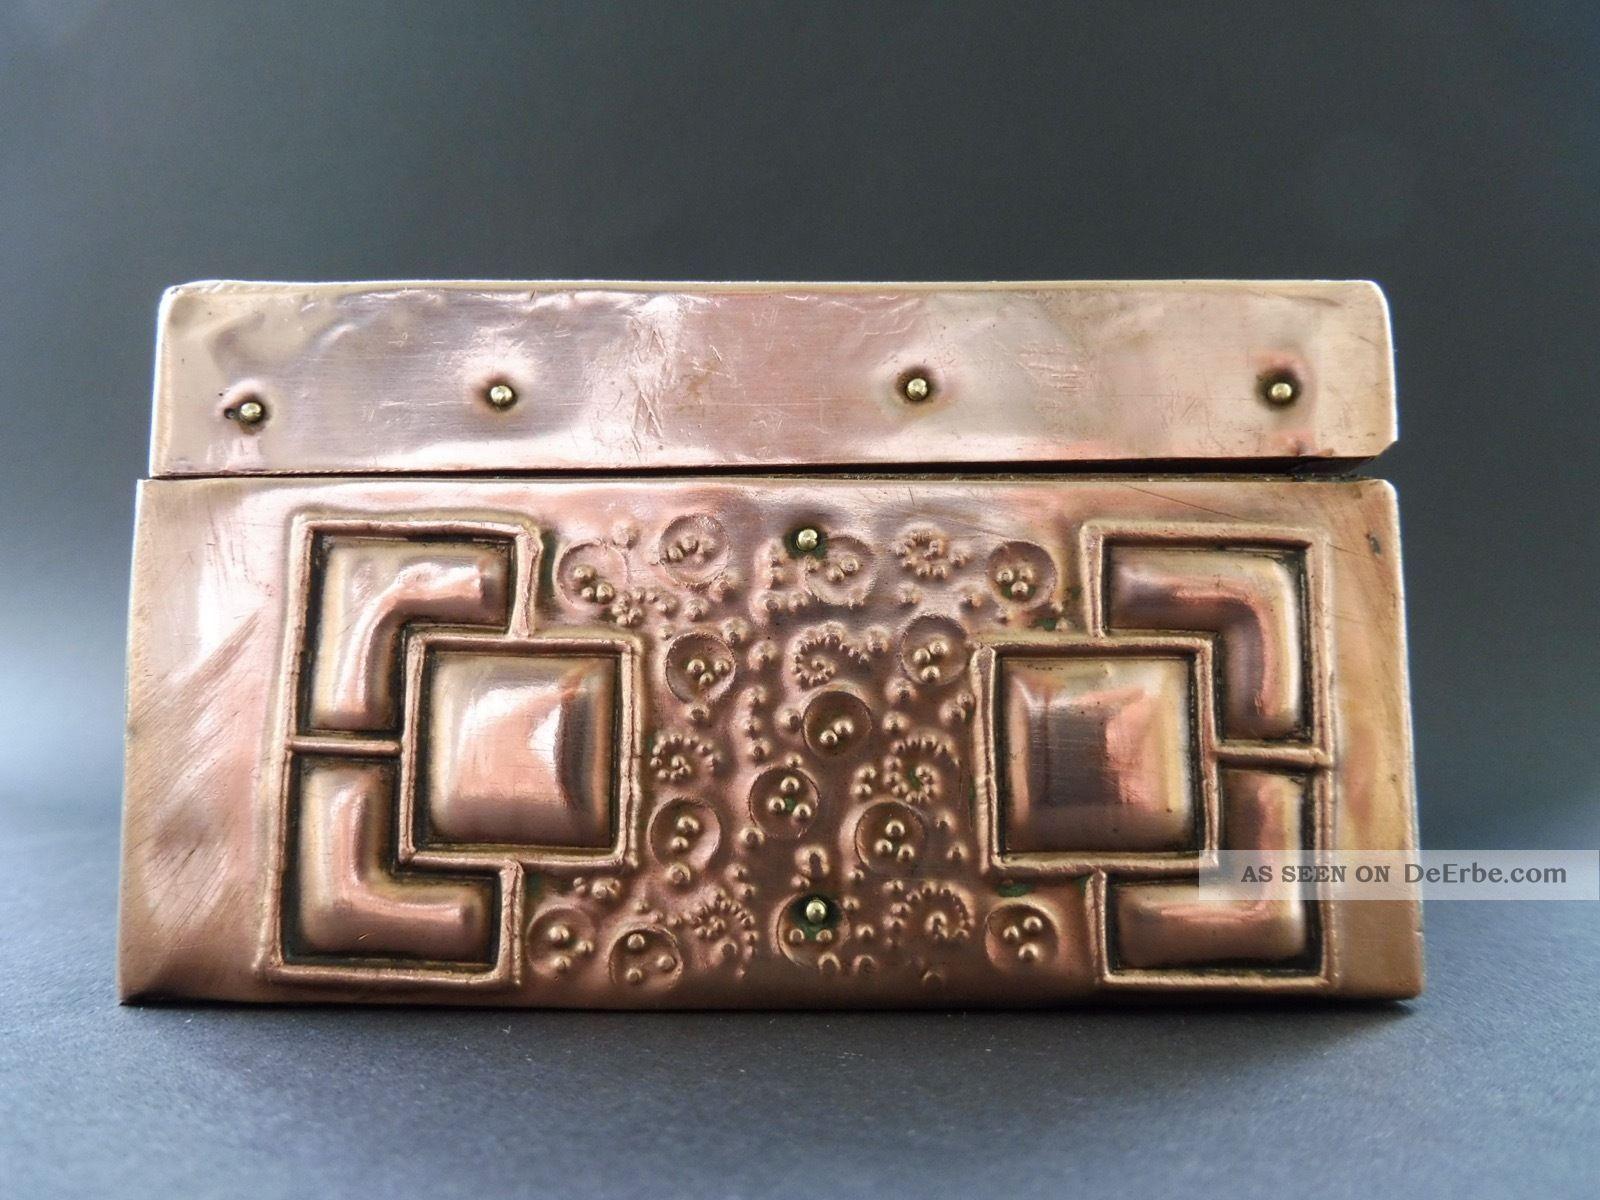 Secession Wien Jugendstil Dose Art Nouveau Design Ornament Quadrat Kupfer Copper 1890-1919, Jugendstil Bild